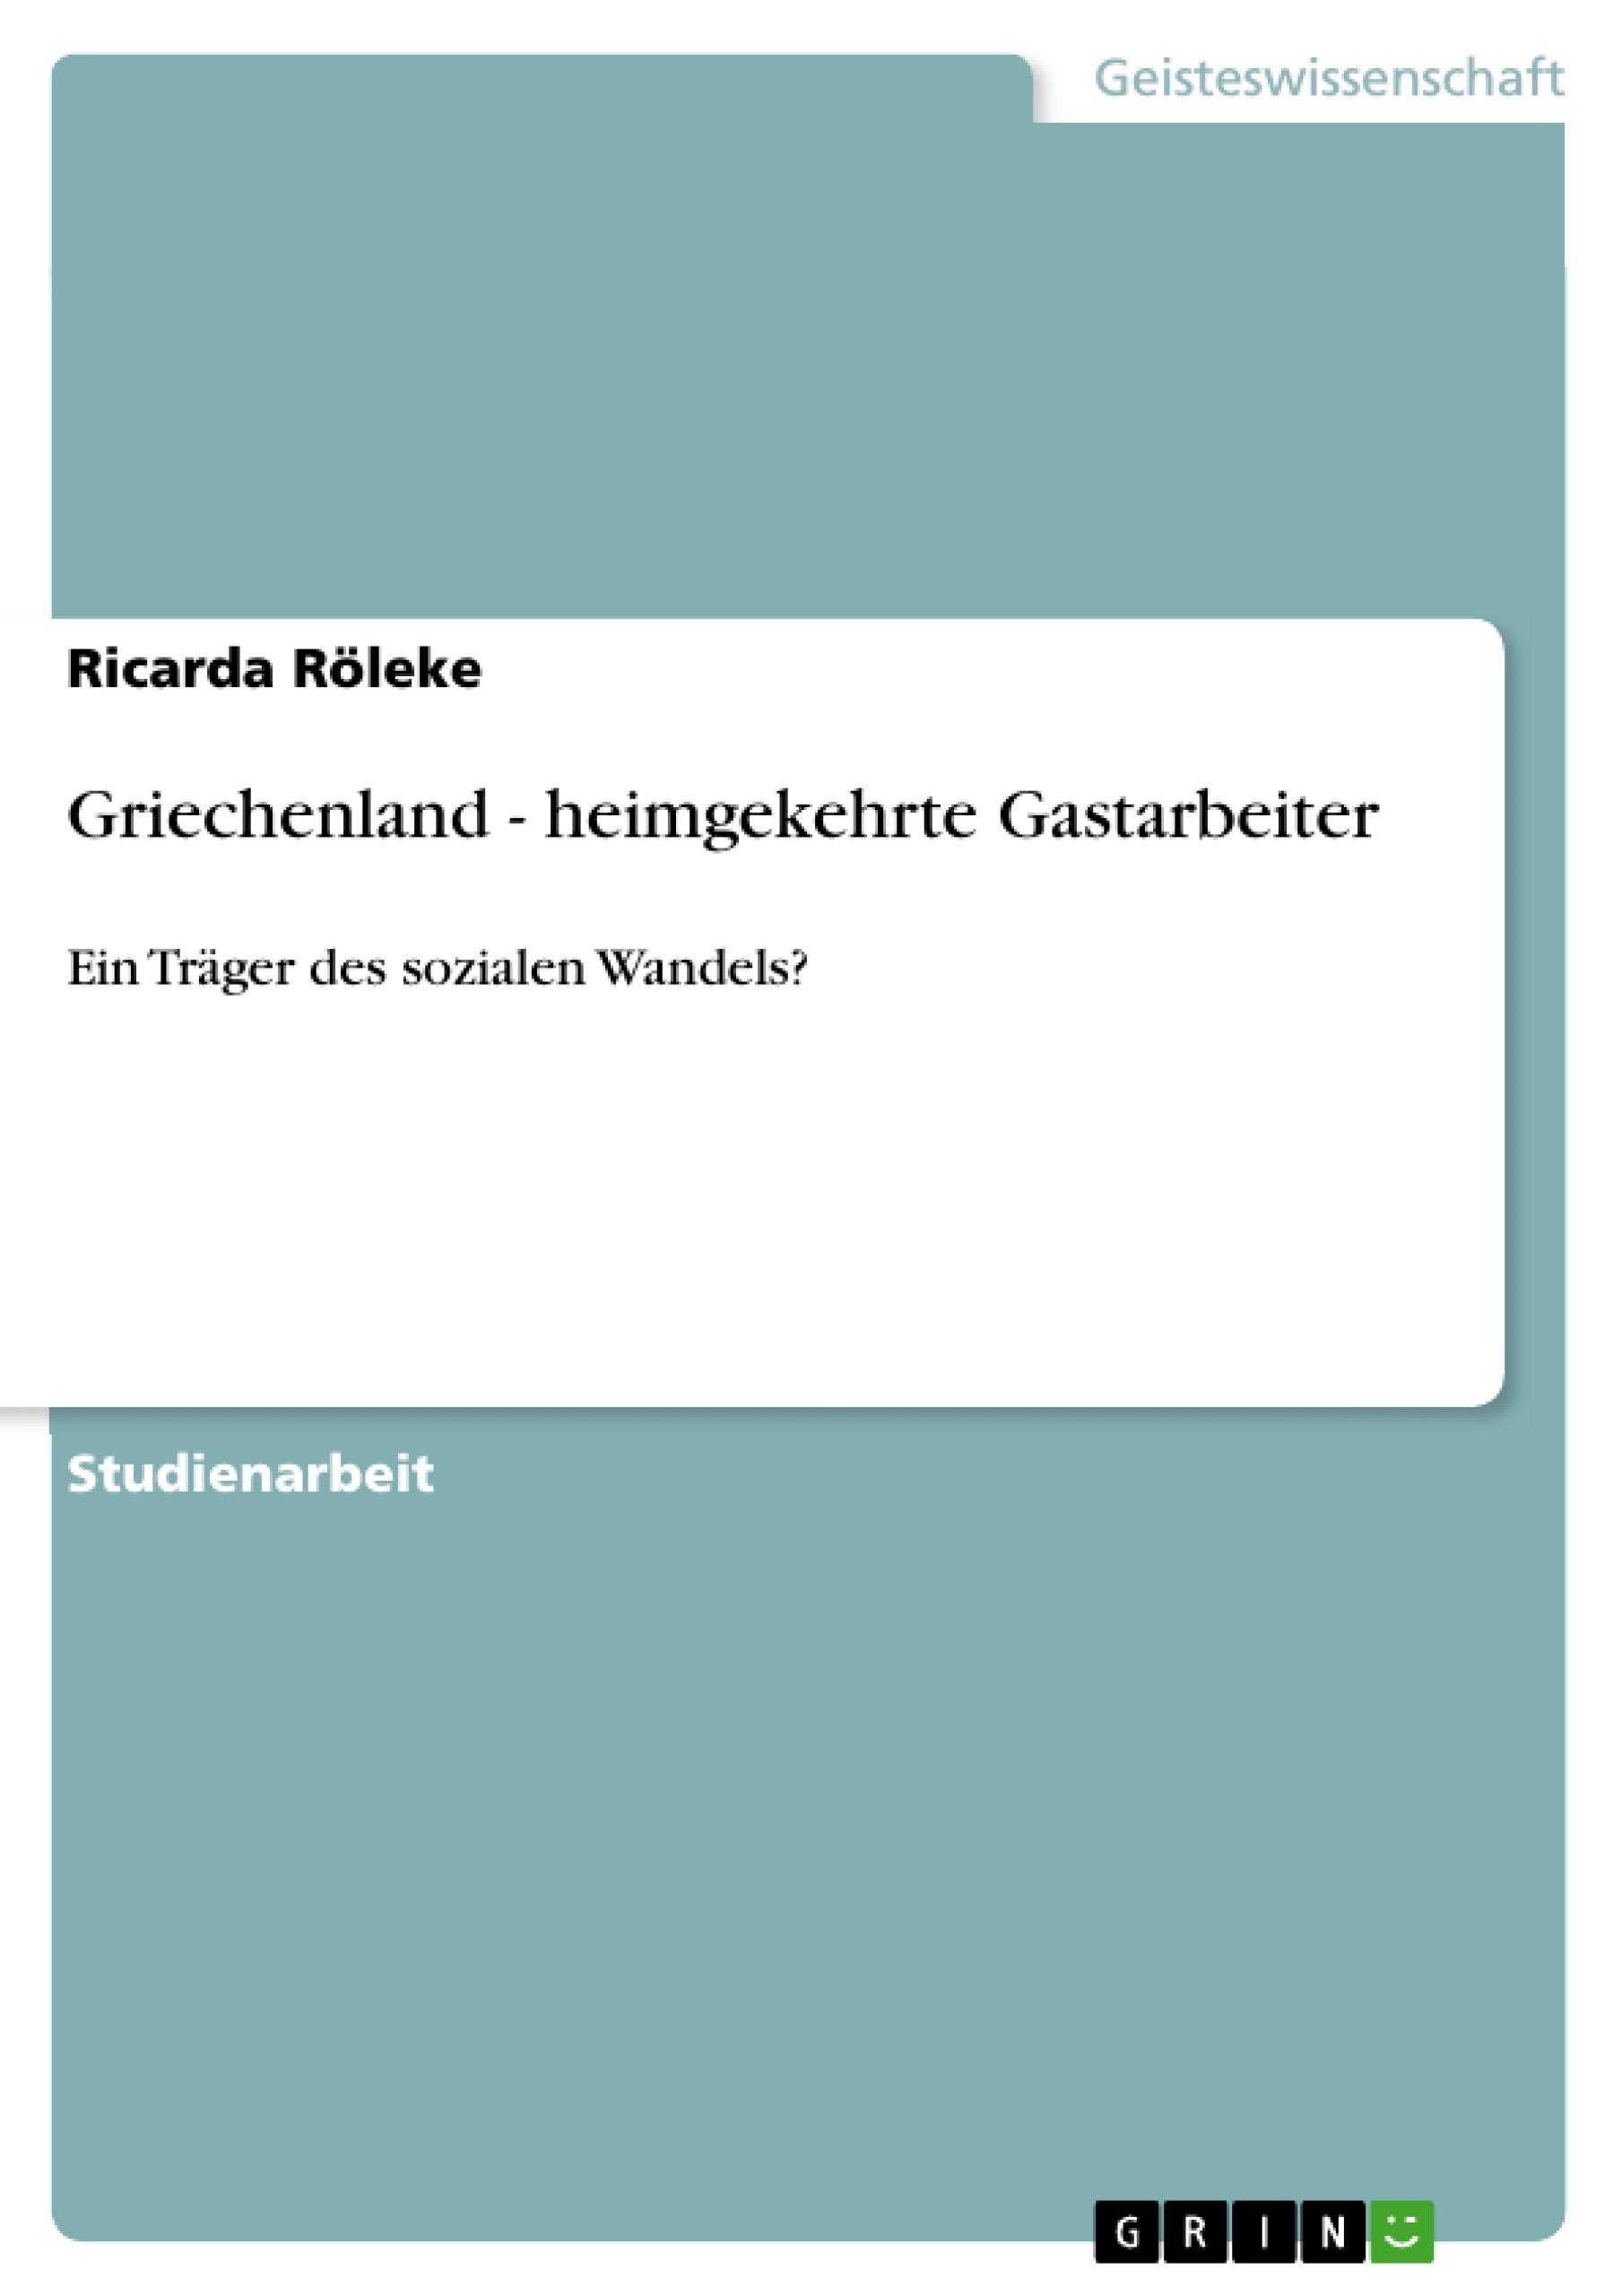 Titel: Griechenland - heimgekehrte Gastarbeiter